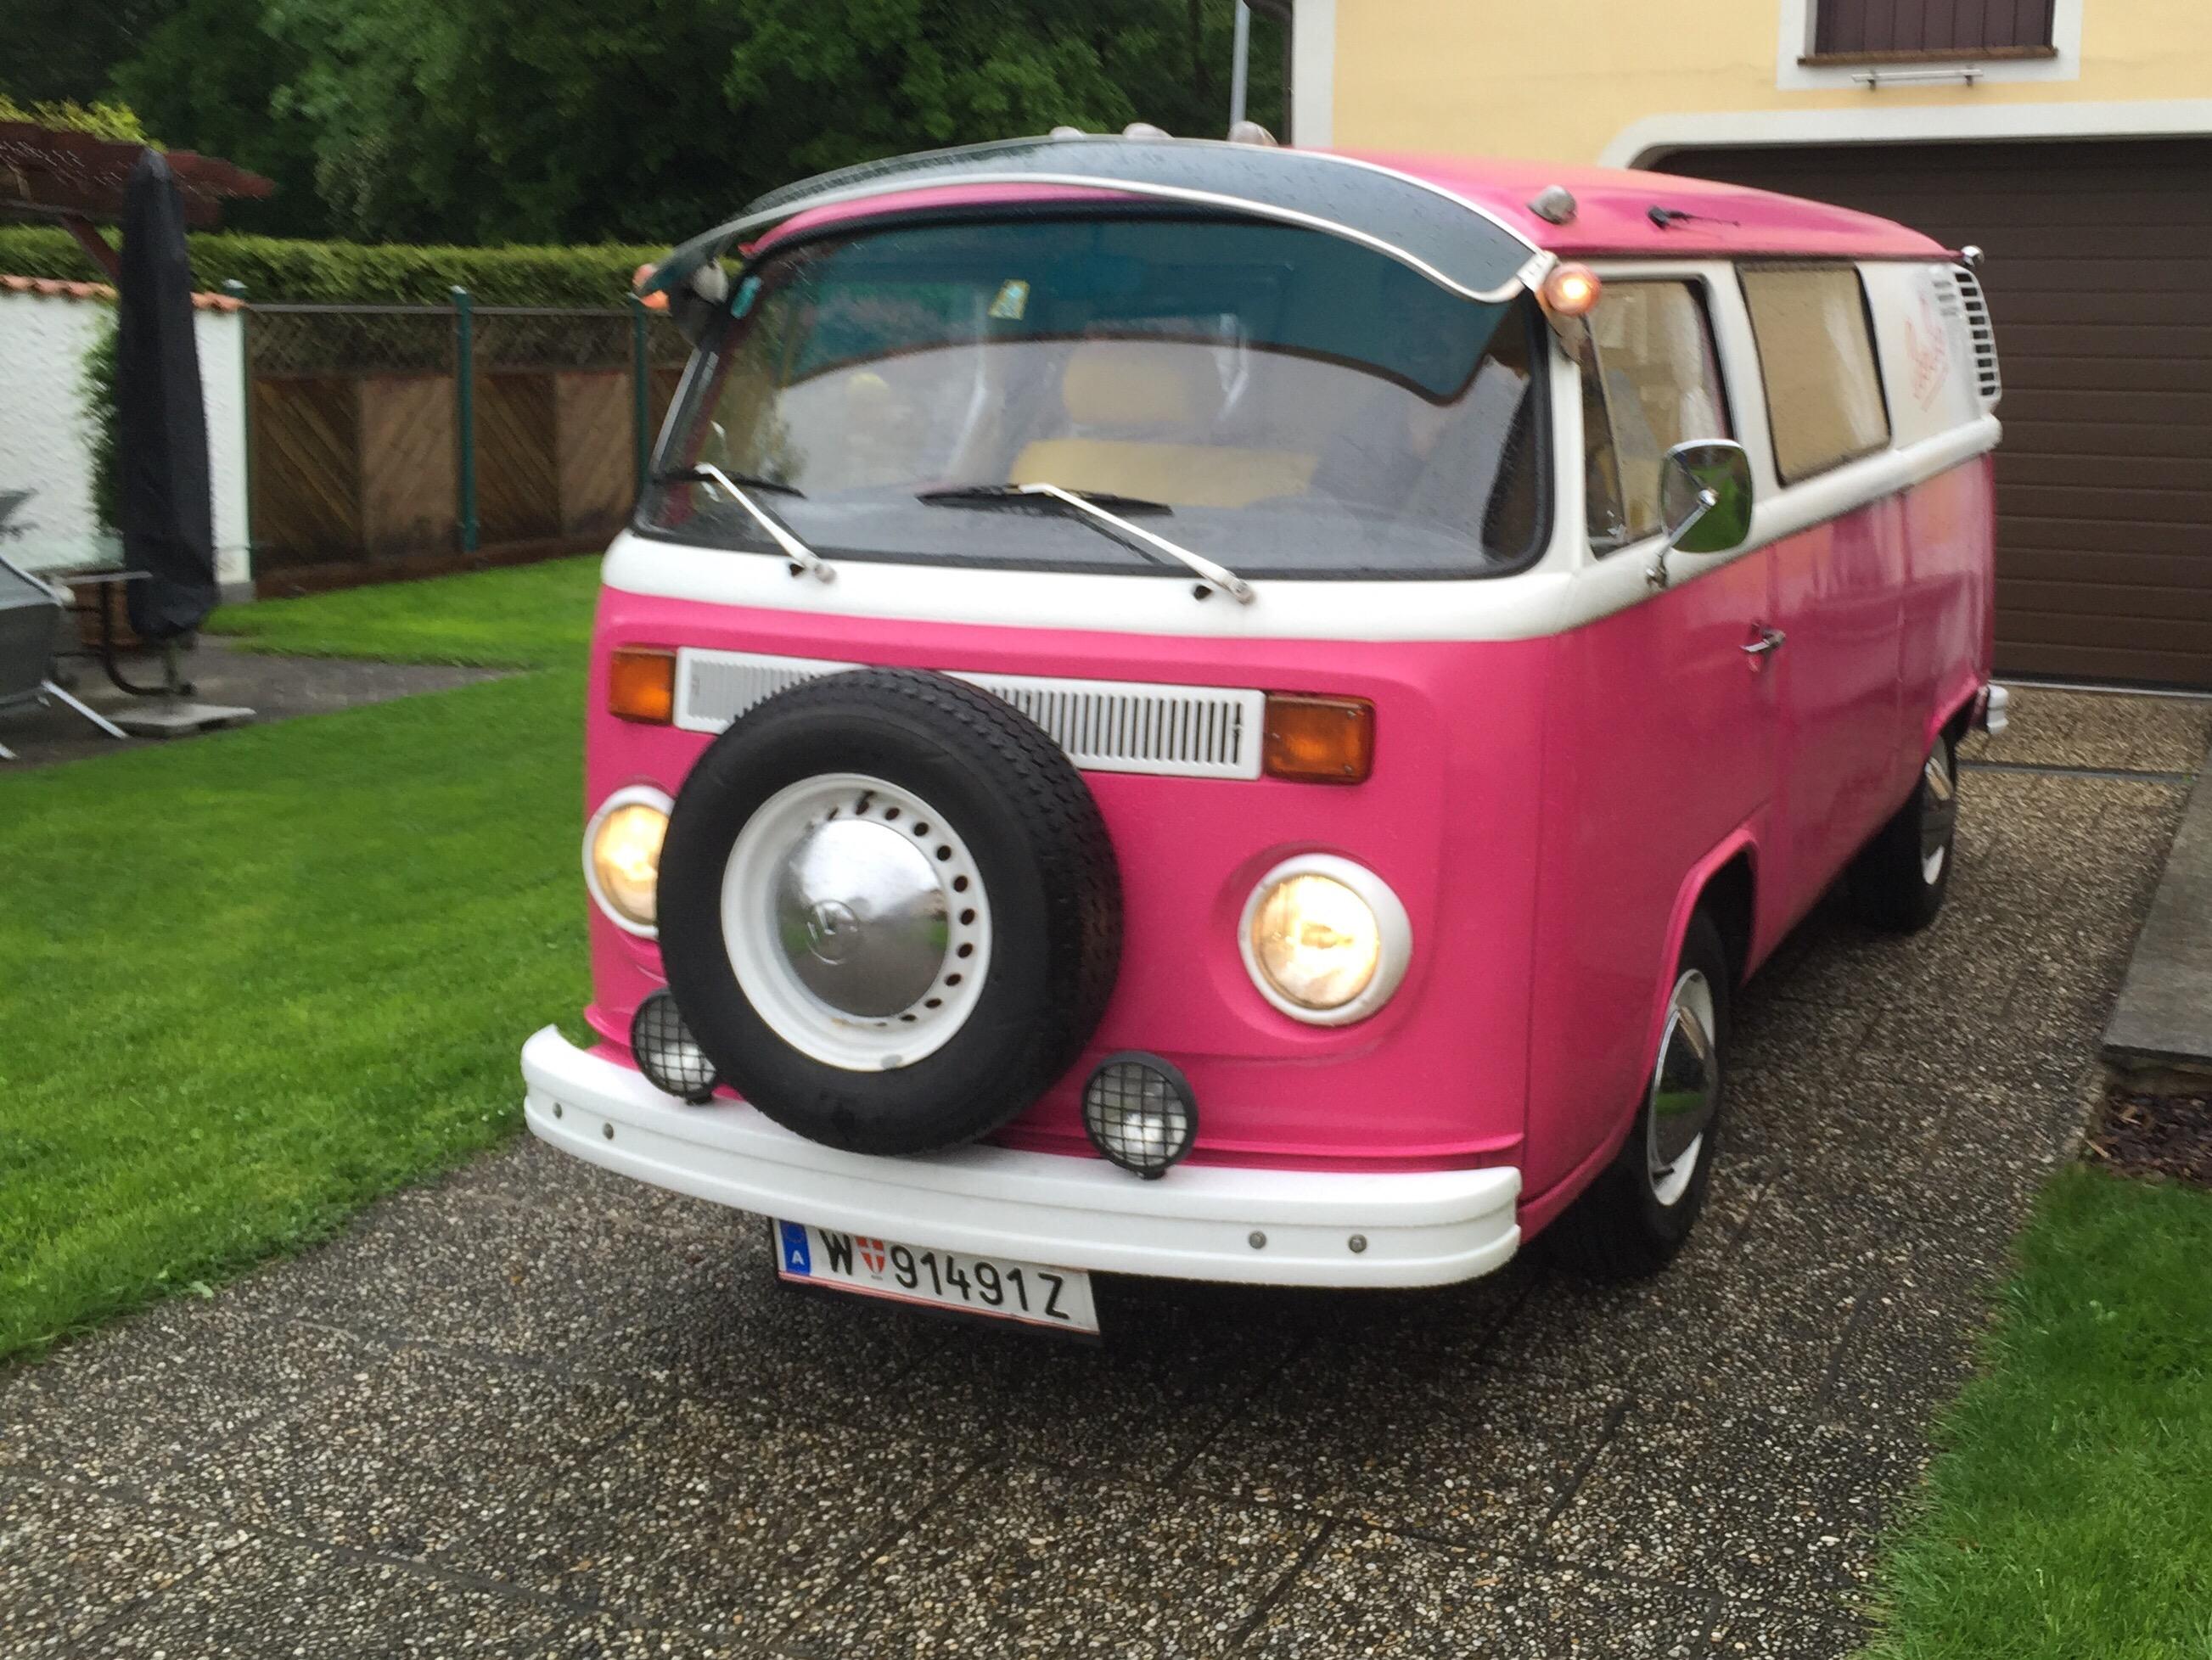 VW Bulli startet ins Hochzeitswochenende